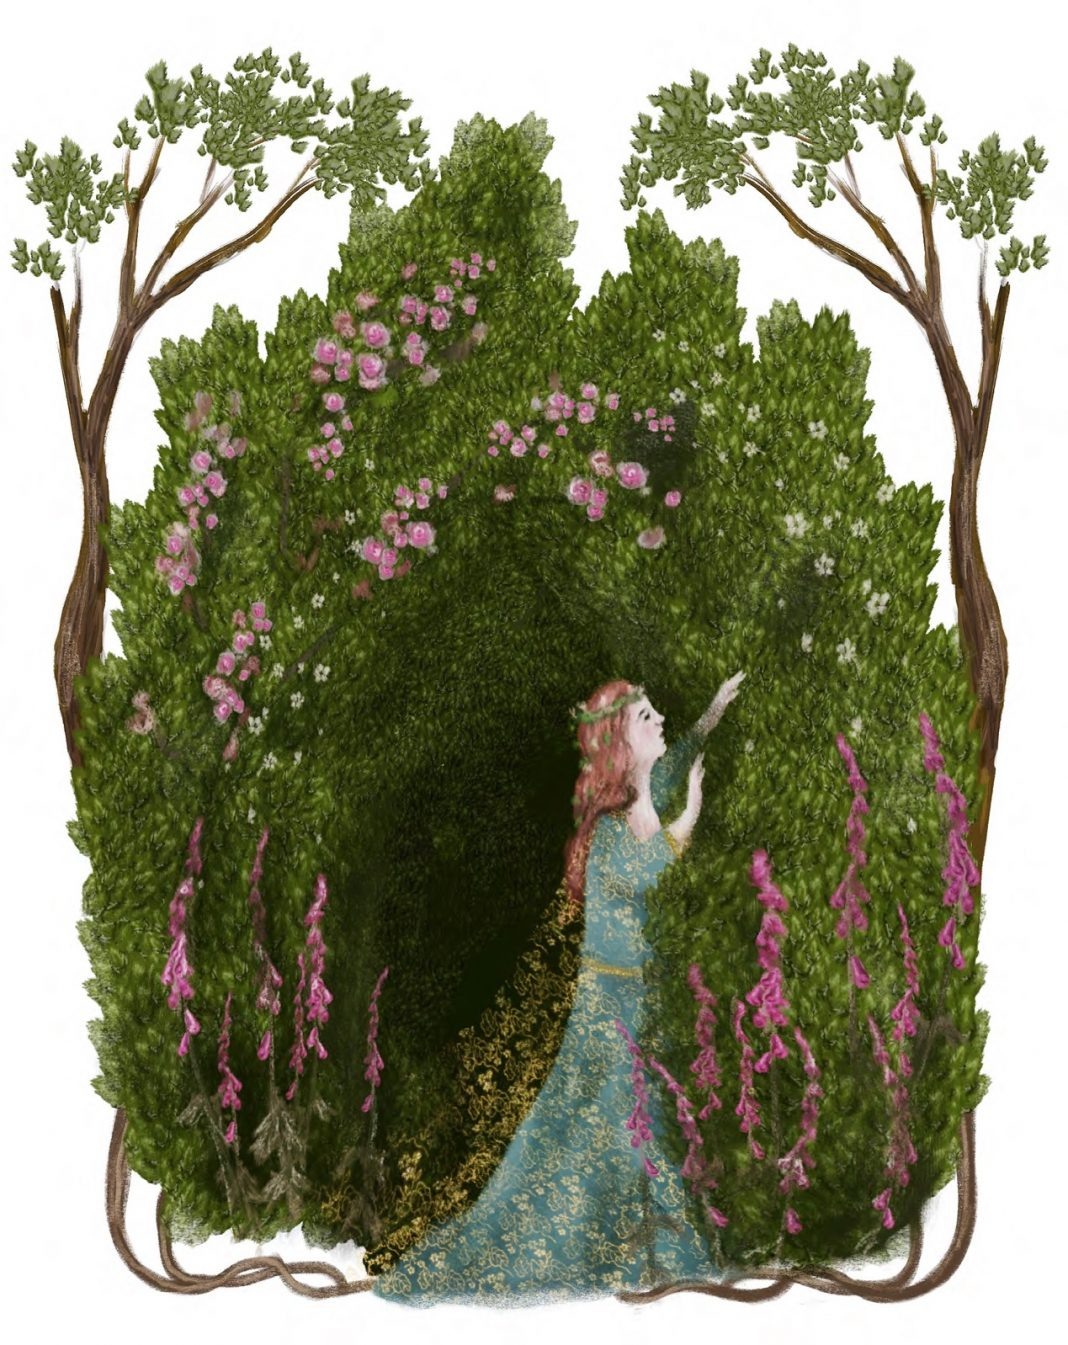 Illustration by Guinevere von Sneeden